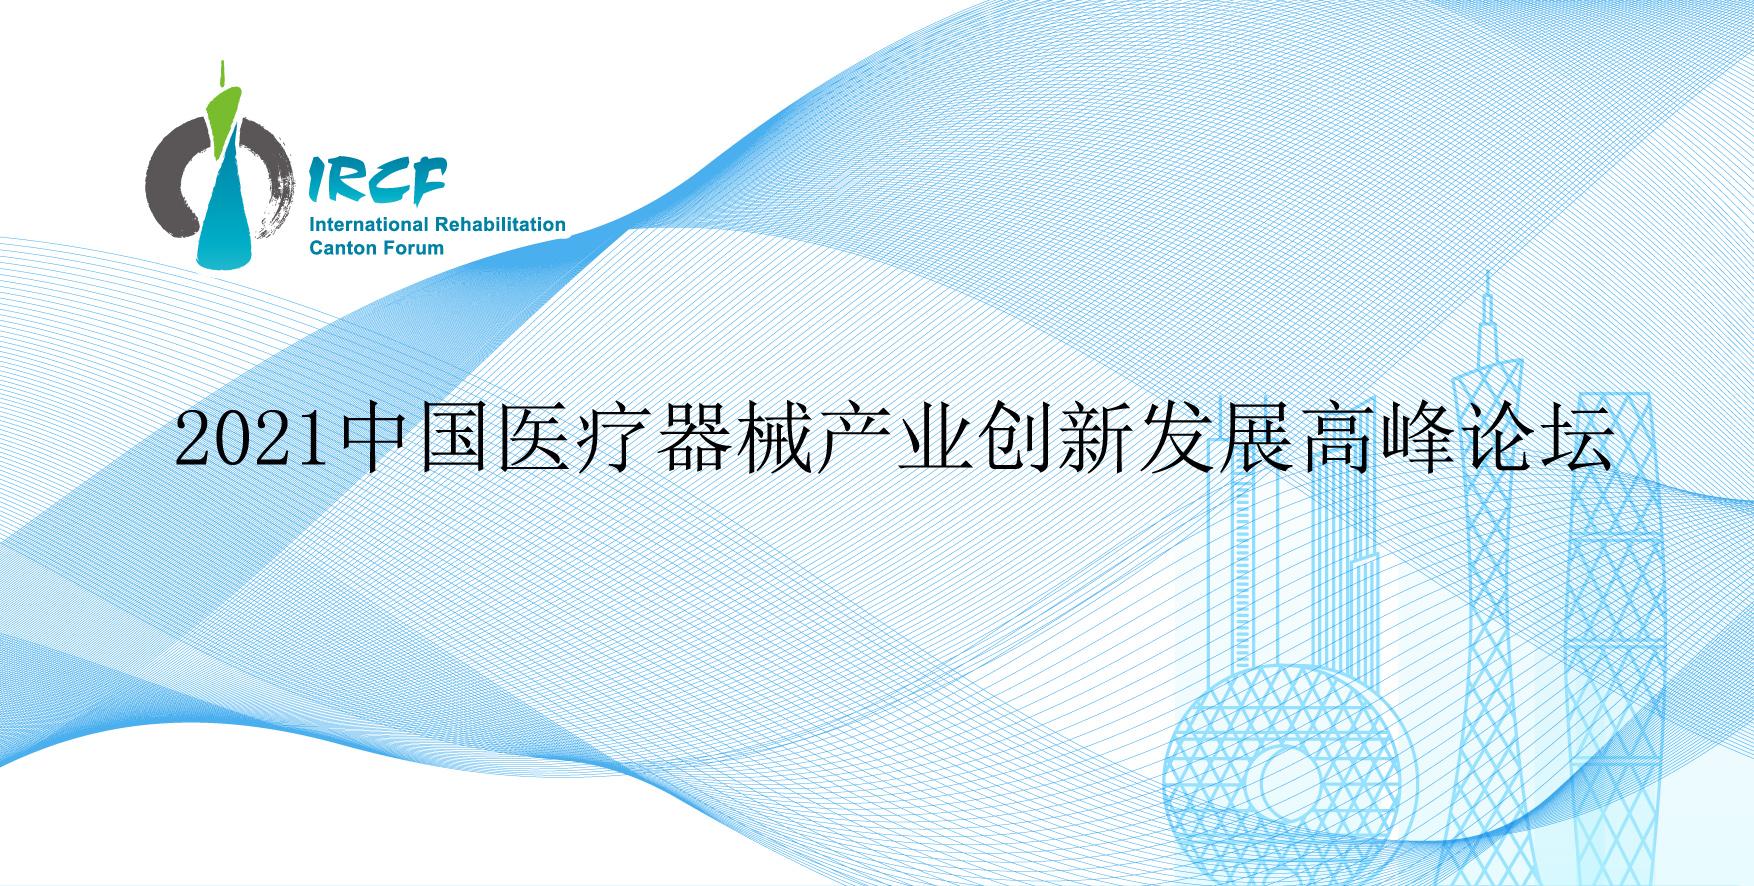 2021中国医疗器械产业创新发展高峰论坛暨医疗器械监管条例新规解读培训班通知